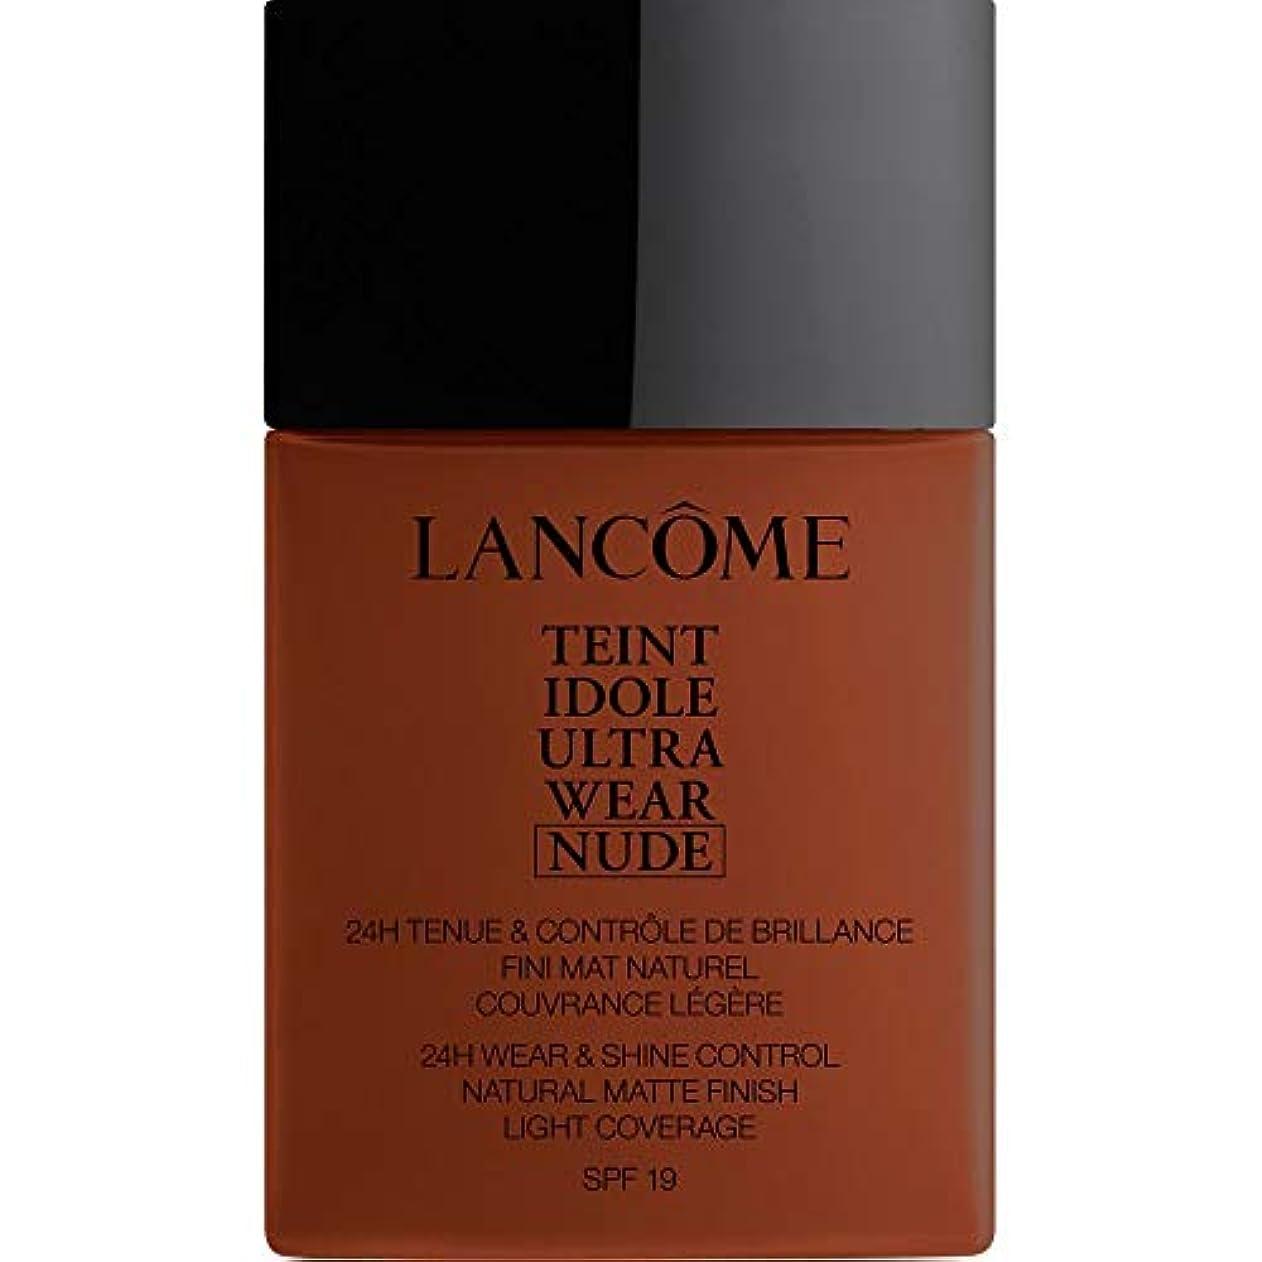 運営純度テクトニック[Lanc?me ] ランコムTeintのIdole超摩耗ヌード財団Spf19の40ミリリットル14 - ブラウニー - Lancome Teint Idole Ultra Wear Nude Foundation SPF19...